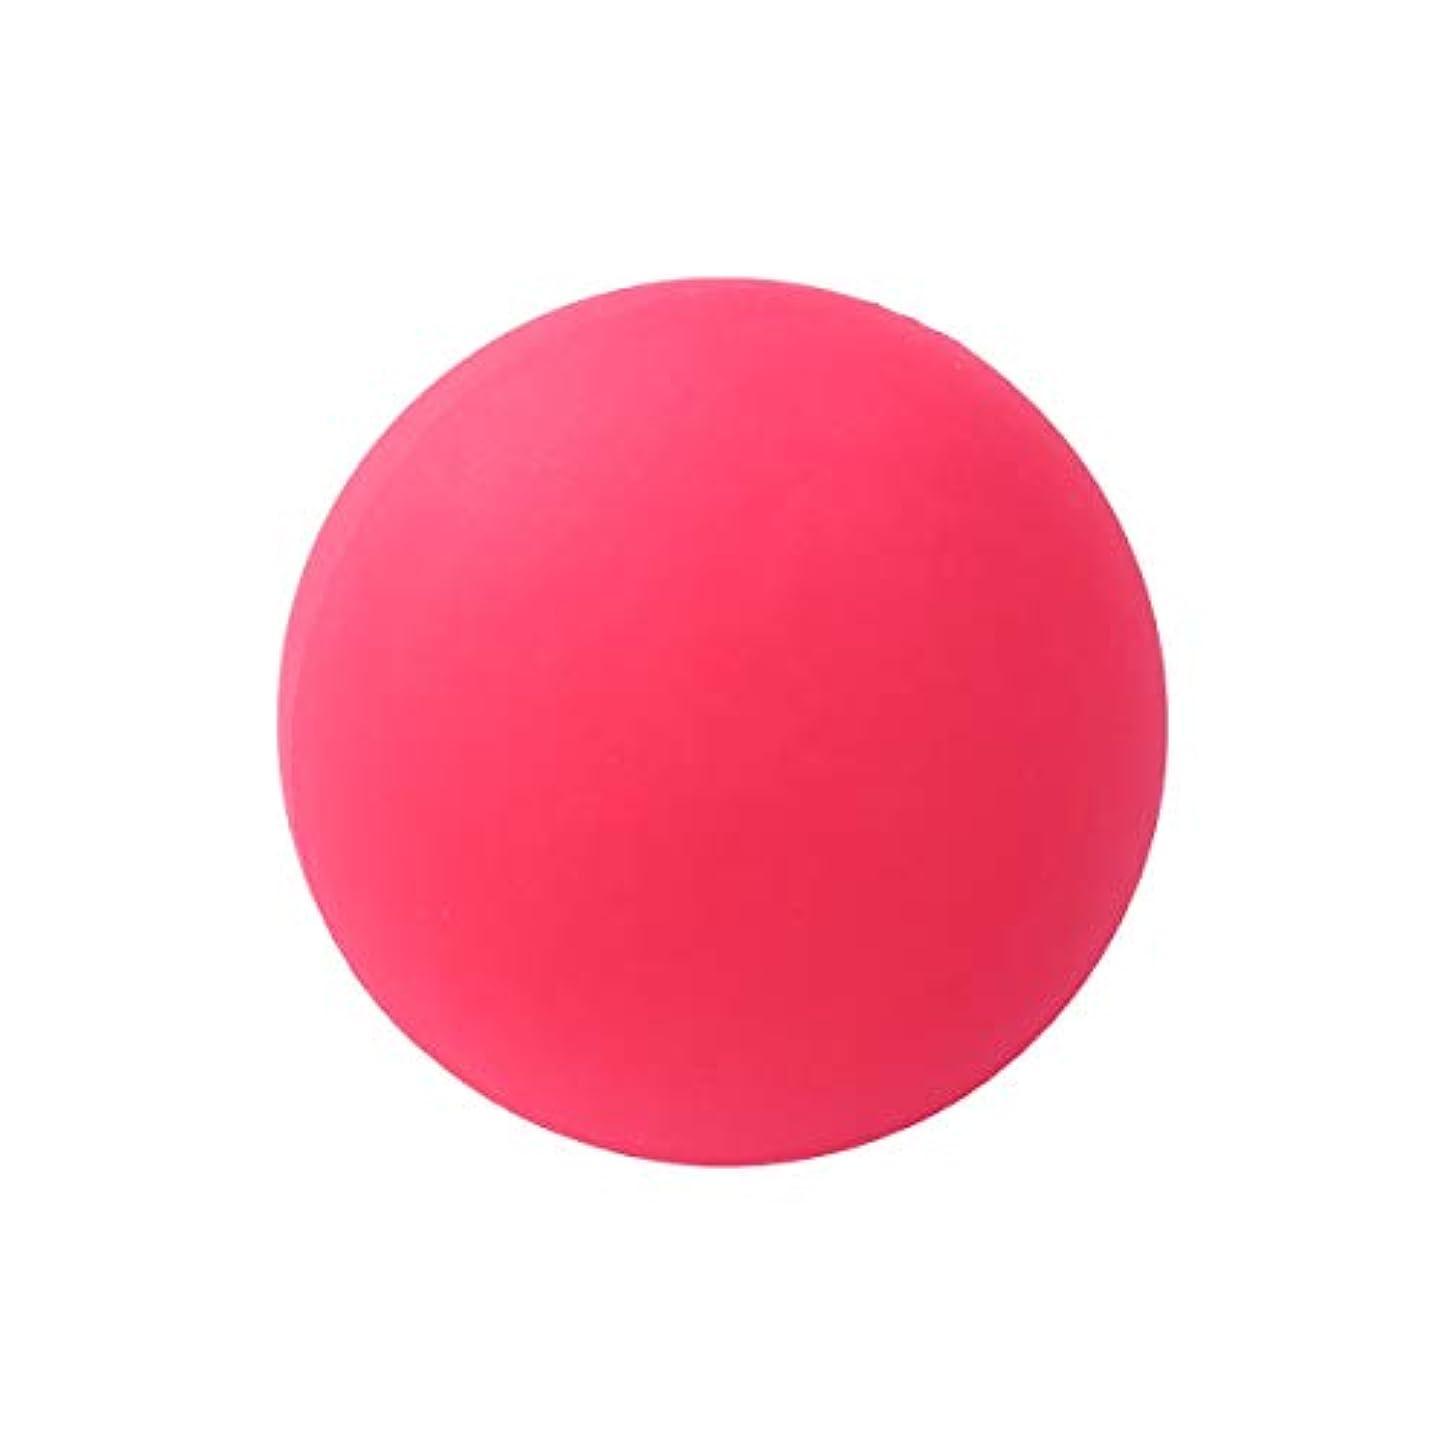 管理する吸い込むクラウドVORCOOL マッサージボール ヨガ ストレッチボール トリガーポイント 筋膜リリース トレーニング 背中 肩こり 腰 ふくらはぎ 足裏 ツボ押しグッズ 物理 マッサージ 療法ボール